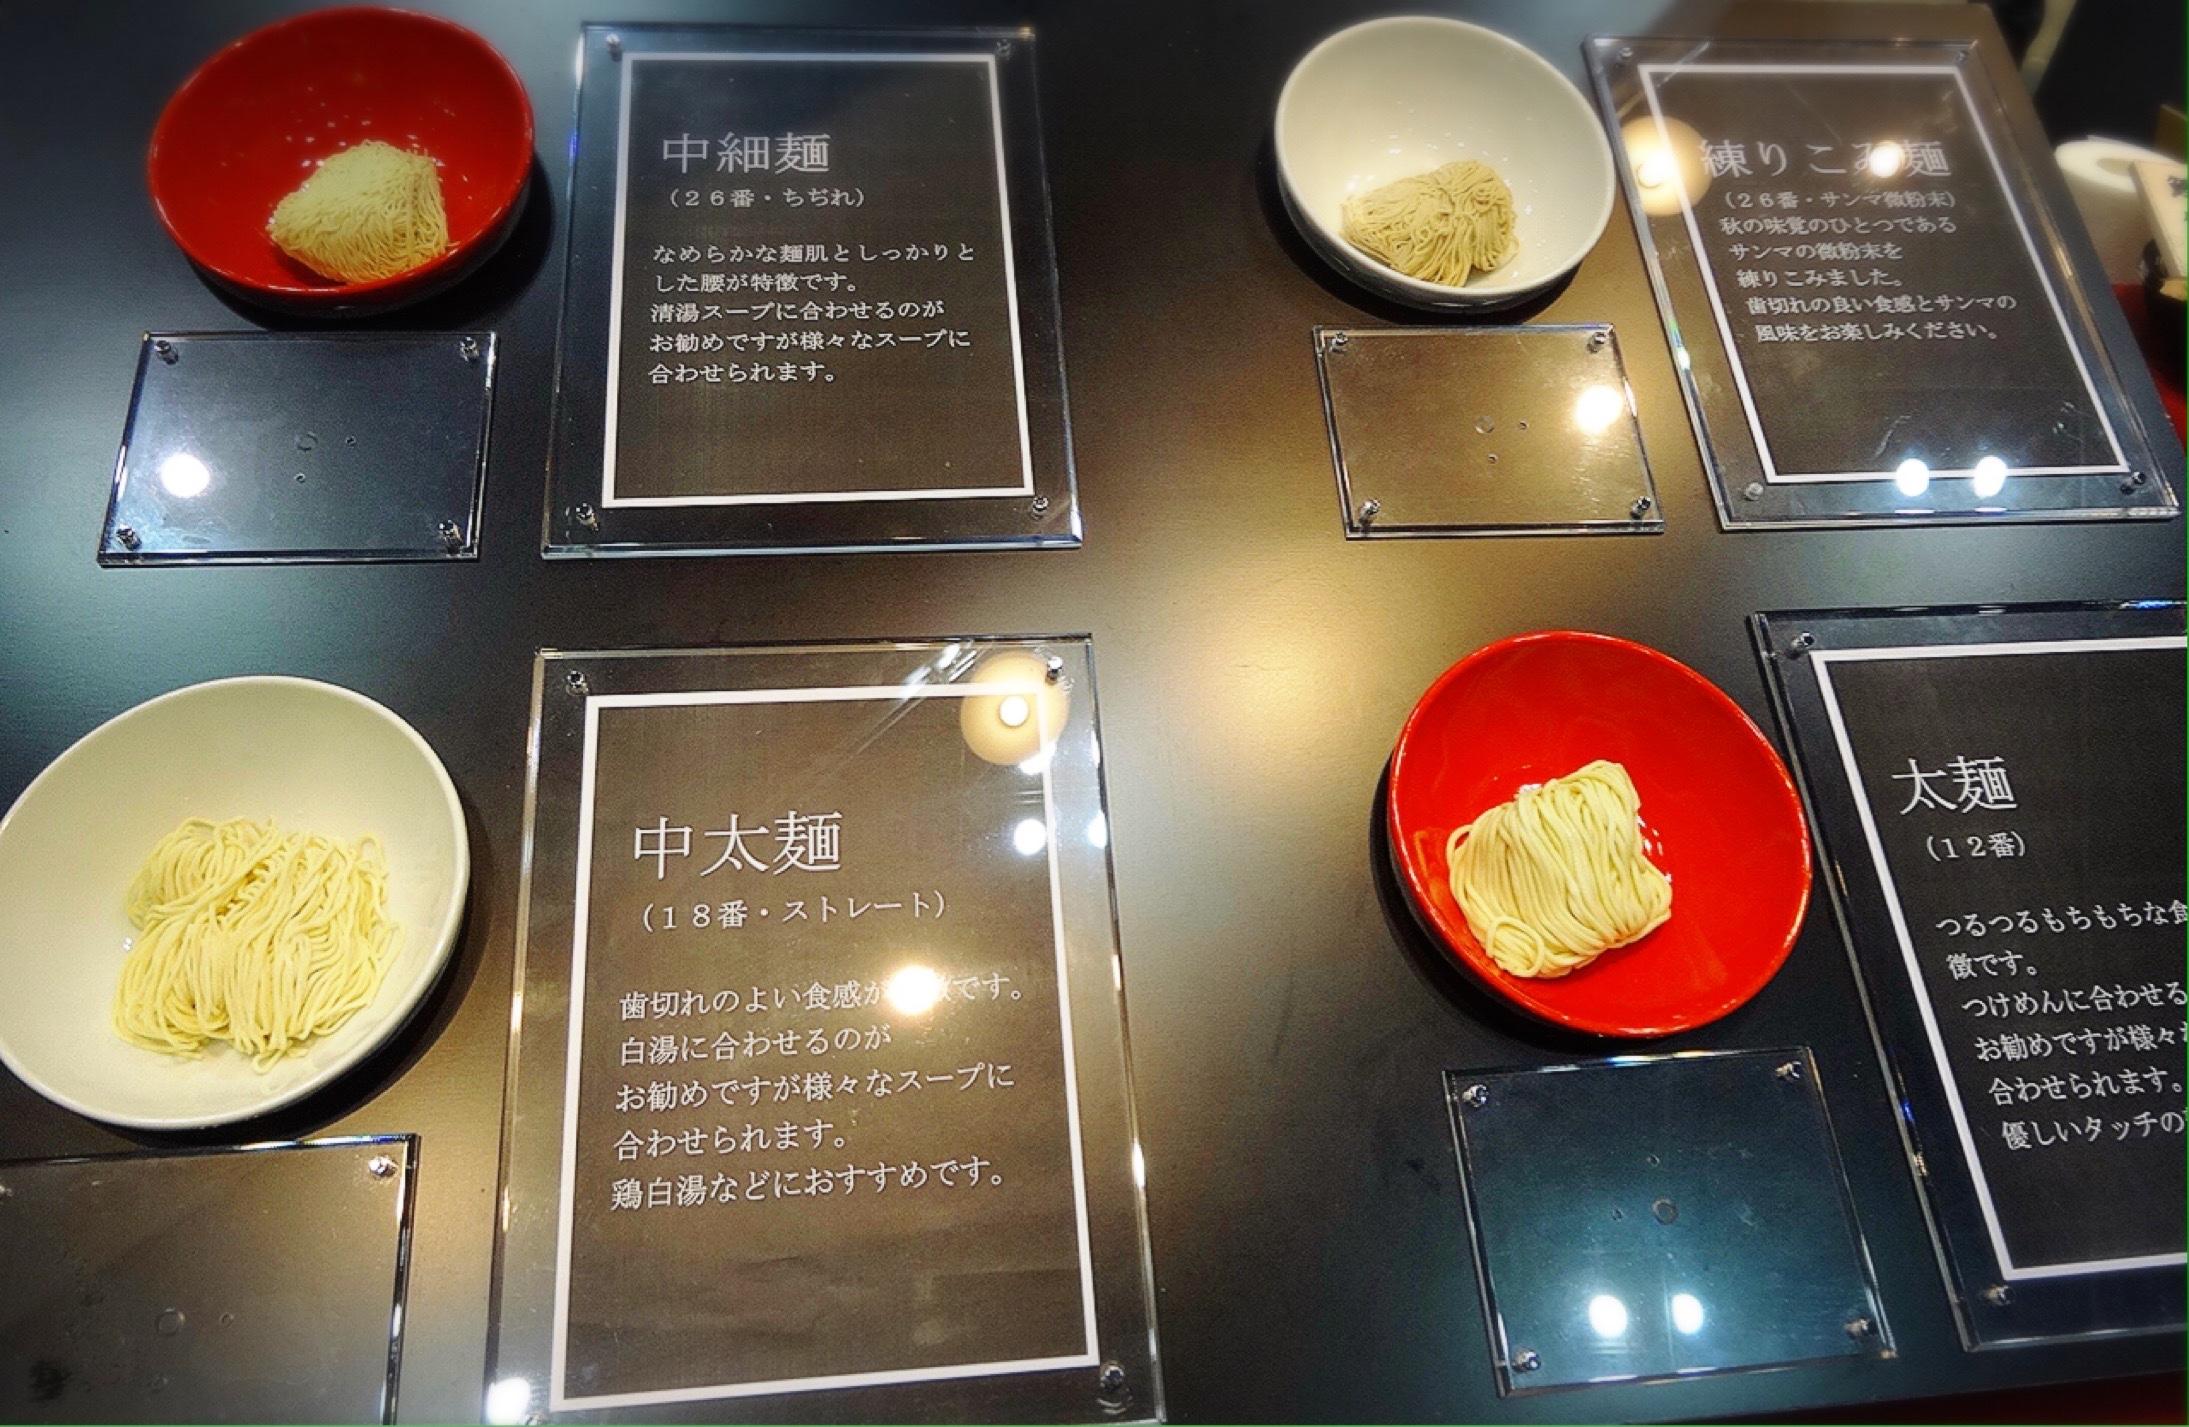 ラーメン産業展大成食品ブース 新作麺展示